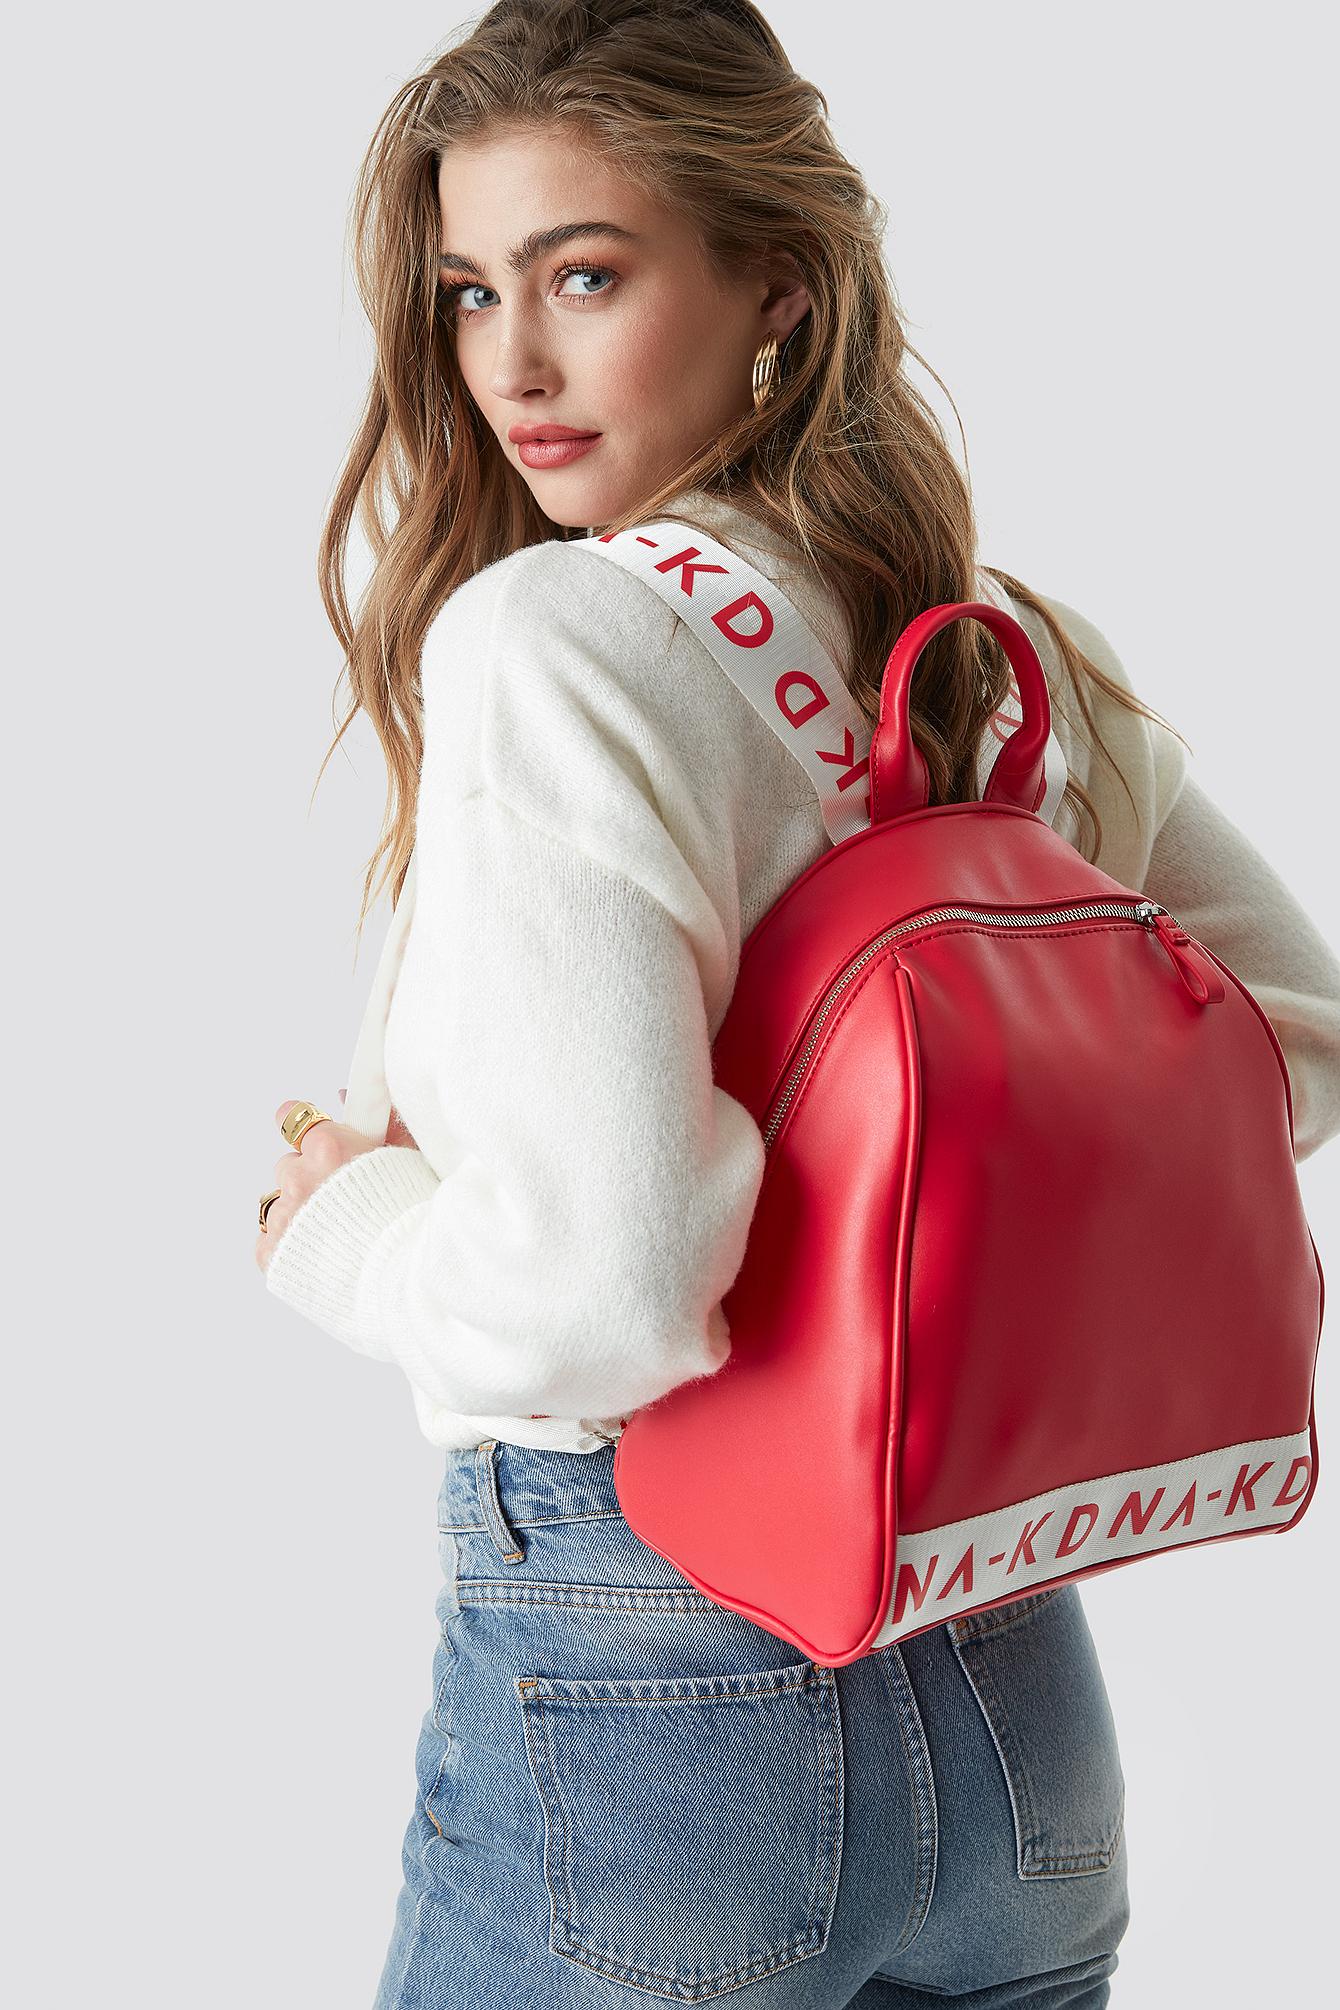 na-kd accessories -  NA-KD Backpack - Red